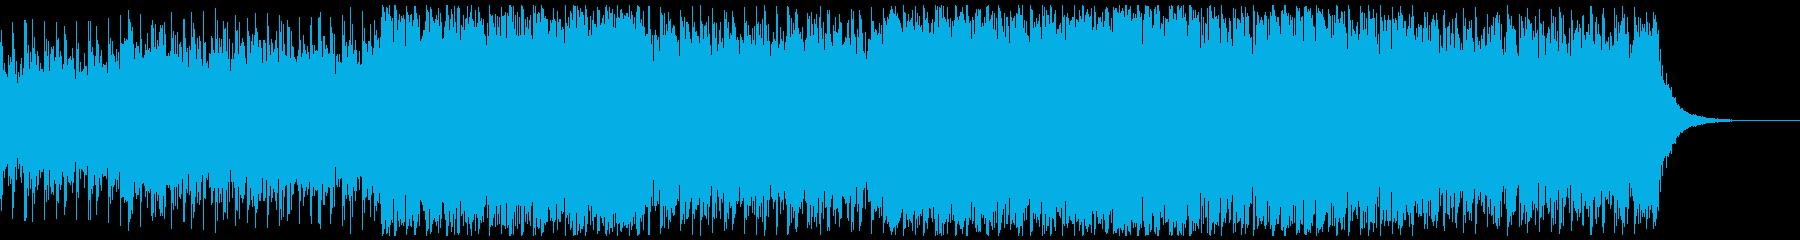 危険感漂うトレモロギターの奇妙なサウンドの再生済みの波形